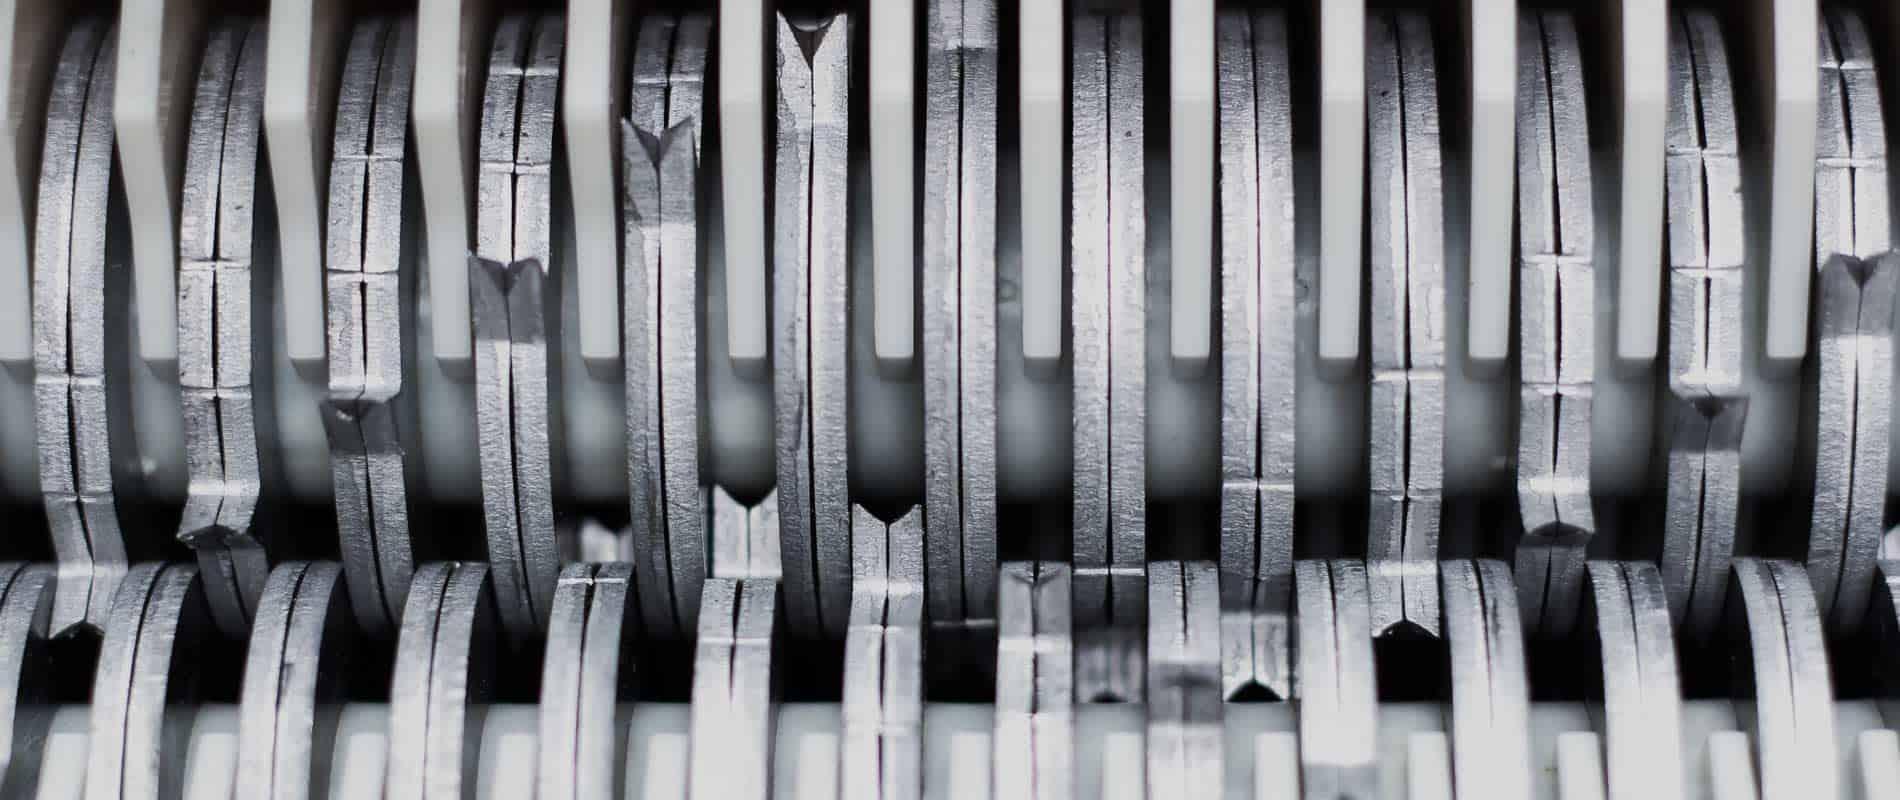 paper-shredder-machine-cutting-blades